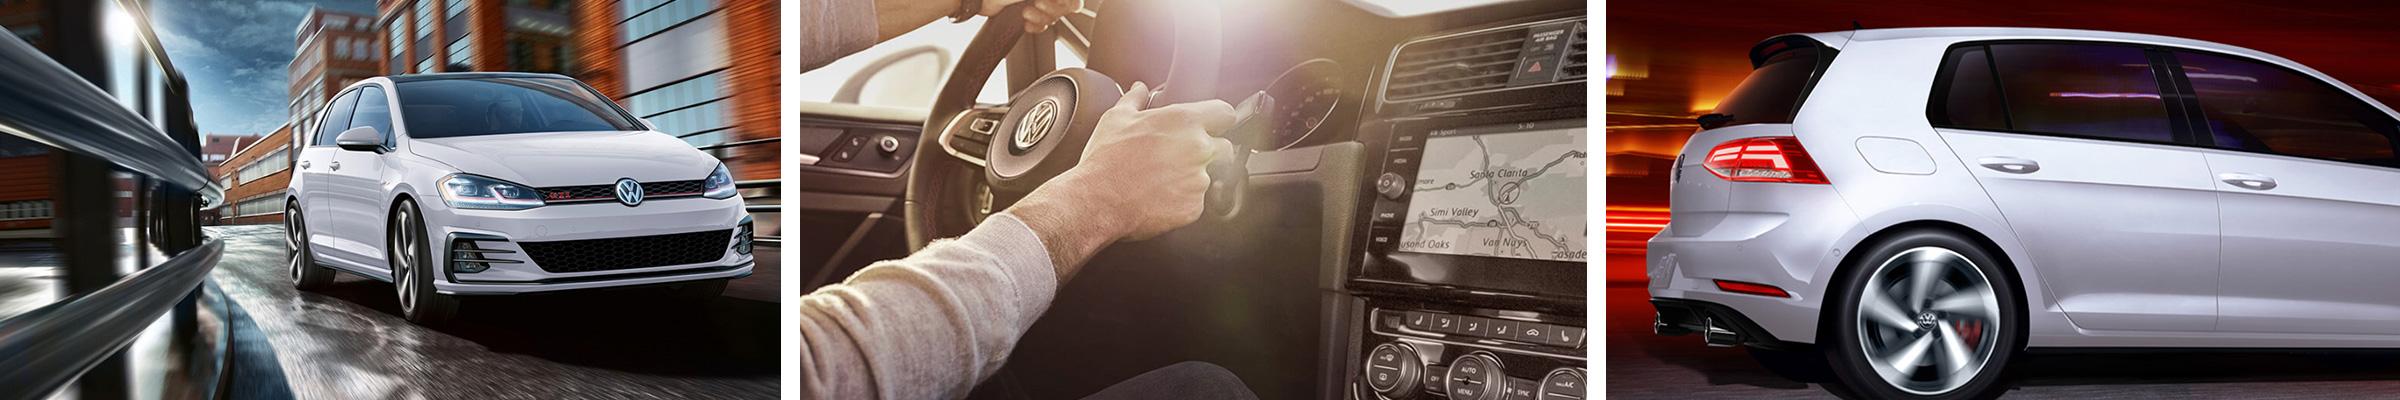 2020 Volkswagen Golf GTI For Sale North Palm Beach FL | Jupiter